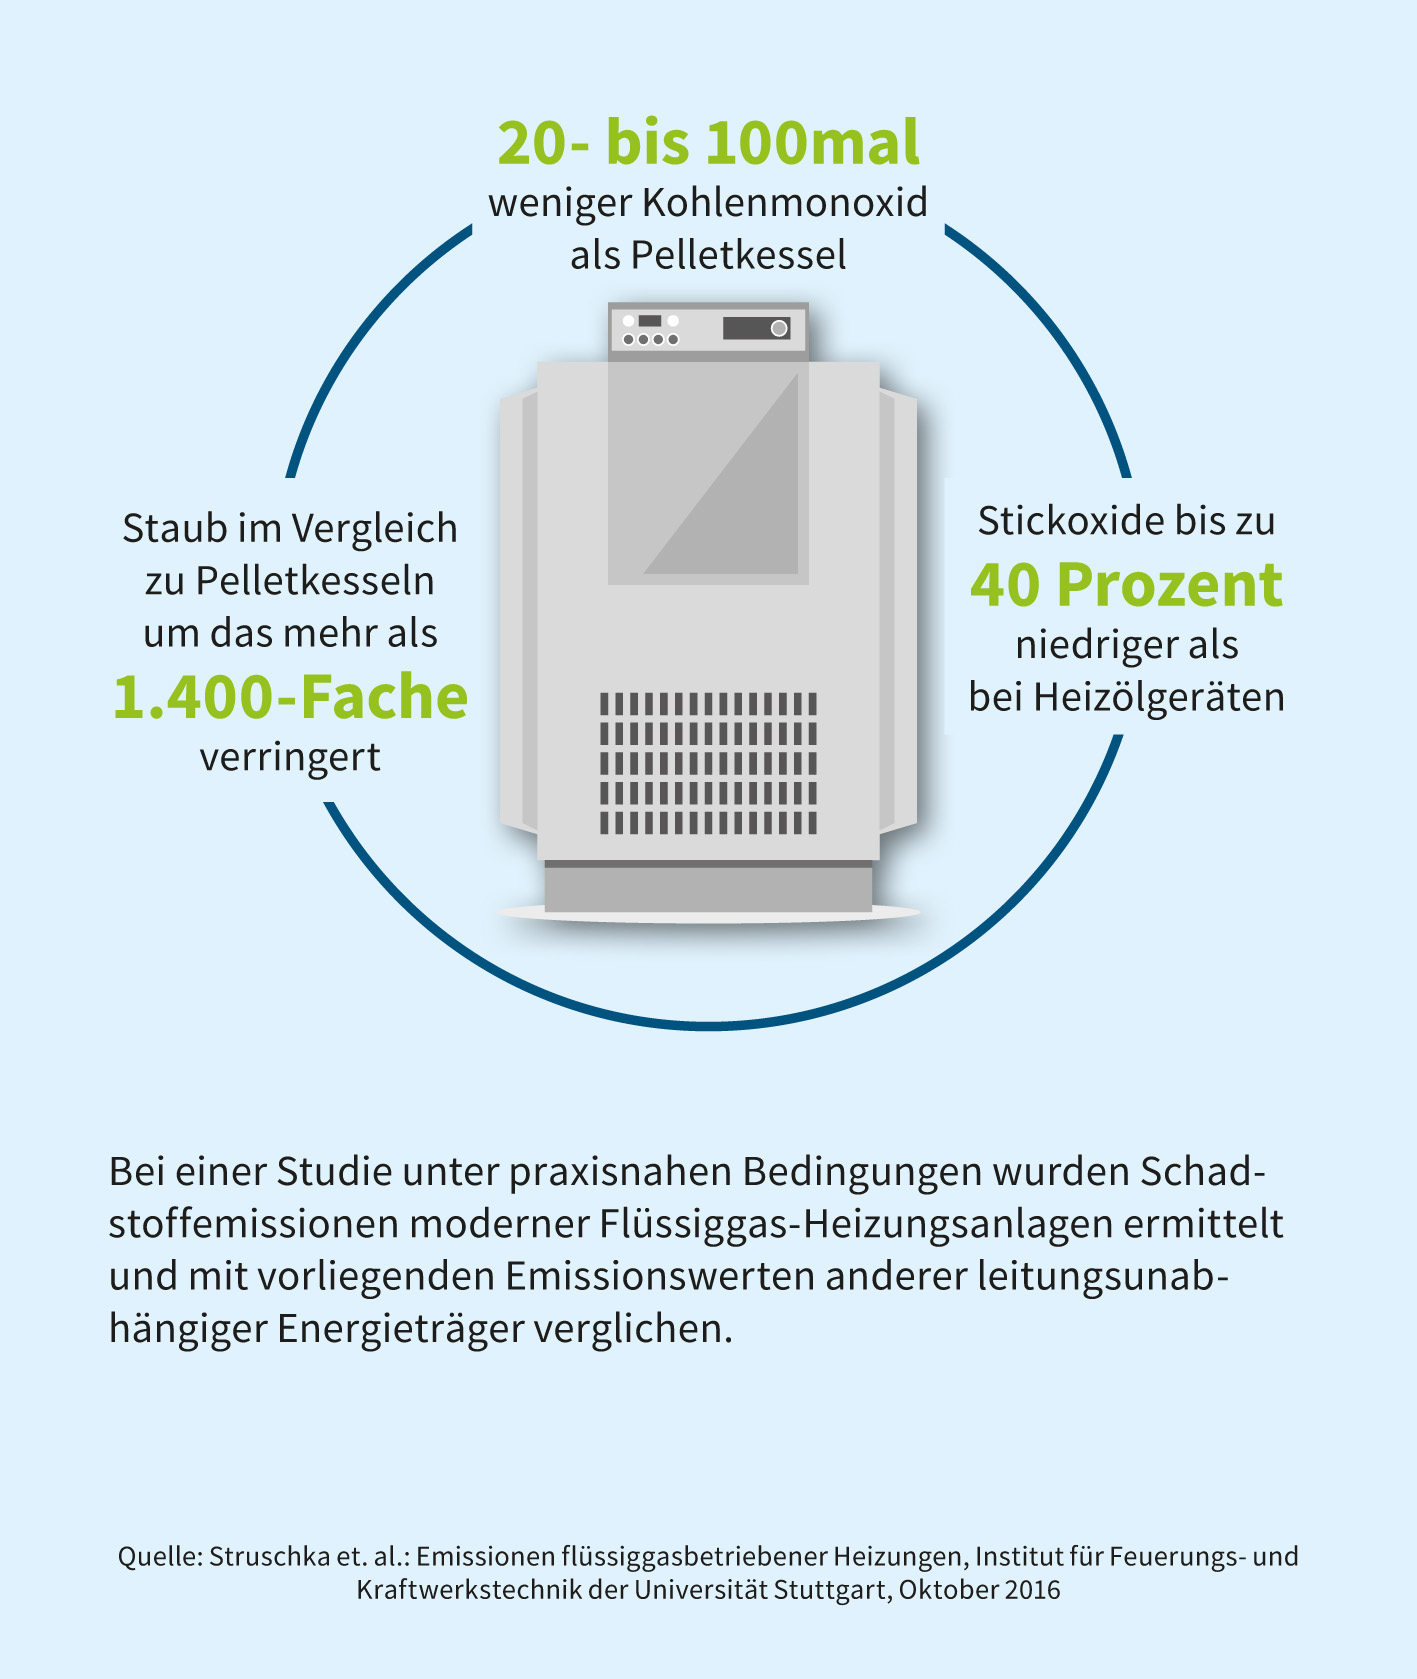 Flüssiggas in Zahlen 2018 - Deutscher Verband Flüssiggas e.V.